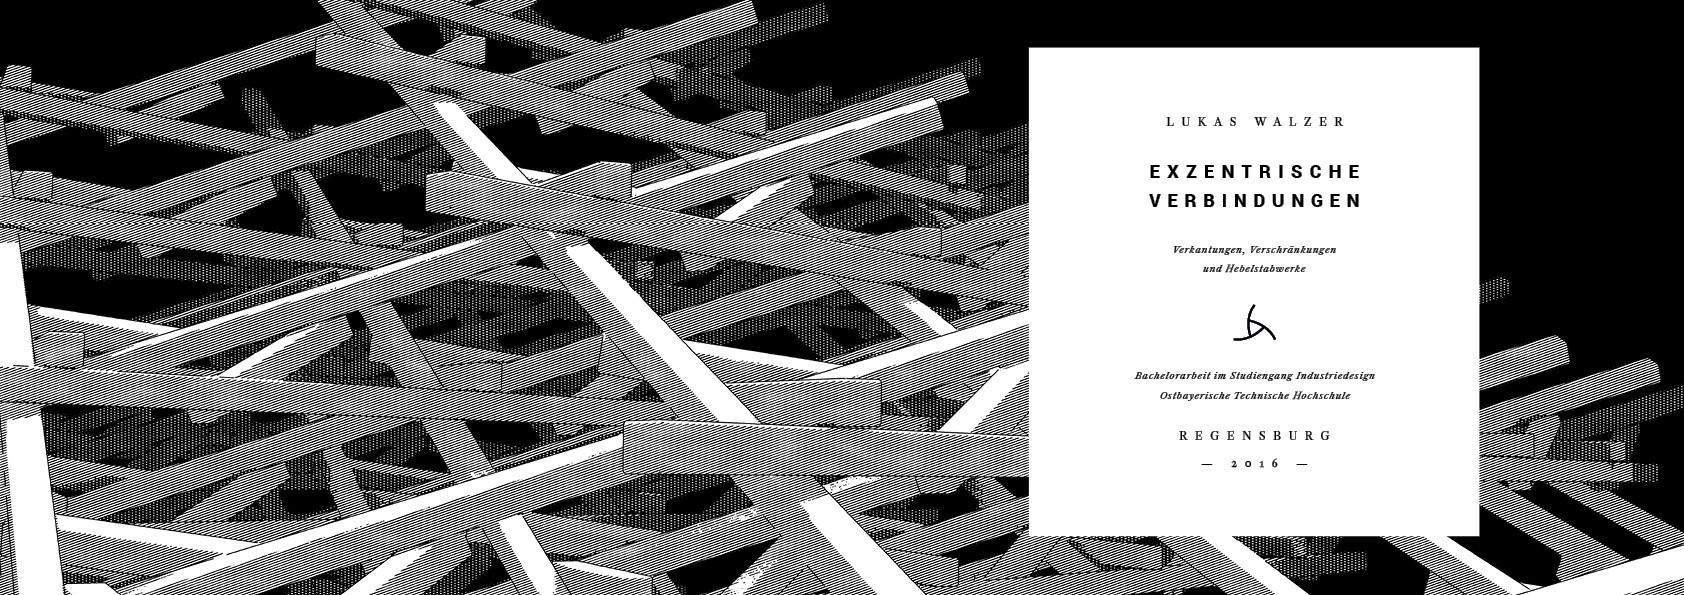 Exzentrische Verbindungen Lukas Walzer Gestaltung